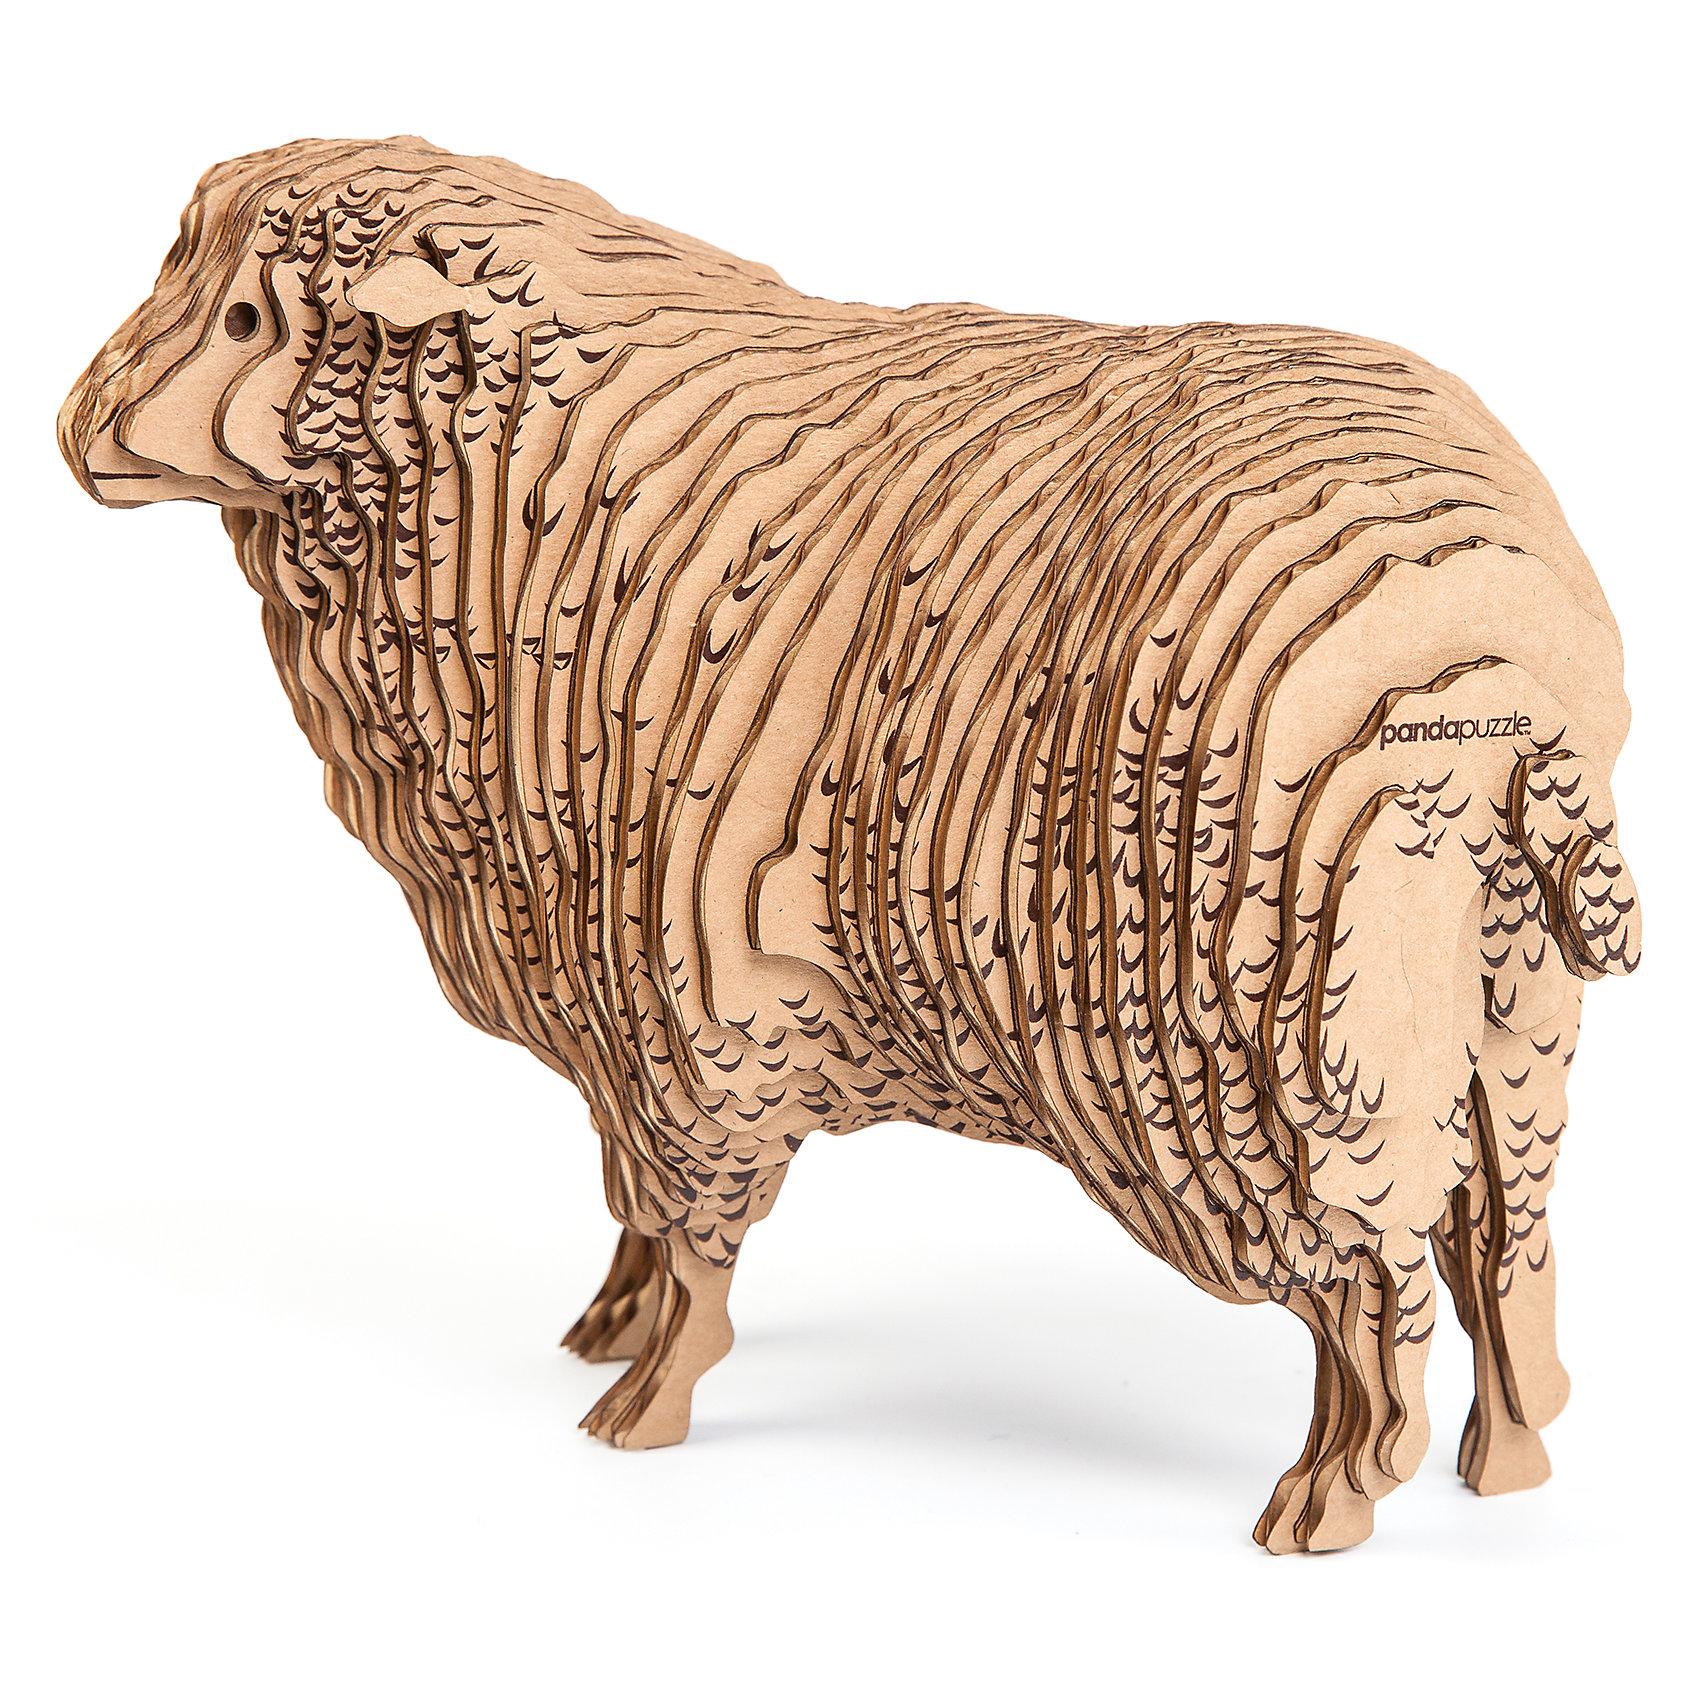 3D-Пазл «Овца», PandaPuzzle3D пазлы<br>3D-Пазл «Овца», PandaPuzzle ? головоломка от отечественного торгового бренда, который специализируется на выпуске трехмерных пазлов разной тематики. Все пазлы от PandaPuzzle выполнены из экологически безопасных материалов, имеют продуманный и реалистичный дизайн моделей. Выполненные из гофрокартона детали пазла отличаются легким весом и высокими физическими качествами: плотностью и жесткостью. Модель собирается в технике объемного квиллинга, что подразумевает склеивание деталей пазла между собой.  Собирая модели в данной технике, у ребенка развивается логическое мышление и мелкая моторика рук, тренируется зрительная память и внимательность. В каждый набор входит клей для склеивания деталей и инструкция по сбору модели. <br>3D-Пазл «Овца», PandaPuzzle упакован в стилизованную картонную коробку.<br><br>Дополнительная информация:<br><br>- Вид игр: игры-головоломки, сюжетно-ролевые<br>- Предназначение: для дома, для развивающих центров, для центров дополнительного образования<br>- Материал: гофрокартон<br>- Комплектация: 48 деталей, клей, инструкция<br>- Размер (Д*Ш*В): 43,5*6,7*26,5 см<br>- Вес: 580 г <br>- Пол: для мальчика/для девочки<br>- Особенности ухода: разрешается сухая чистка собранной модели<br><br>Подробнее:<br><br>• Для детей в возрасте: от 5 лет и до 16 лет<br>• Страна производитель: Россия<br>• Торговый бренд: PandaPuzzle<br><br>3D-Пазл «Овца», PandaPuzzle можно купить в нашем интернет-магазине.<br><br>Ширина мм: 435<br>Глубина мм: 67<br>Высота мм: 265<br>Вес г: 580<br>Возраст от месяцев: 60<br>Возраст до месяцев: 192<br>Пол: Унисекс<br>Возраст: Детский<br>SKU: 4932388